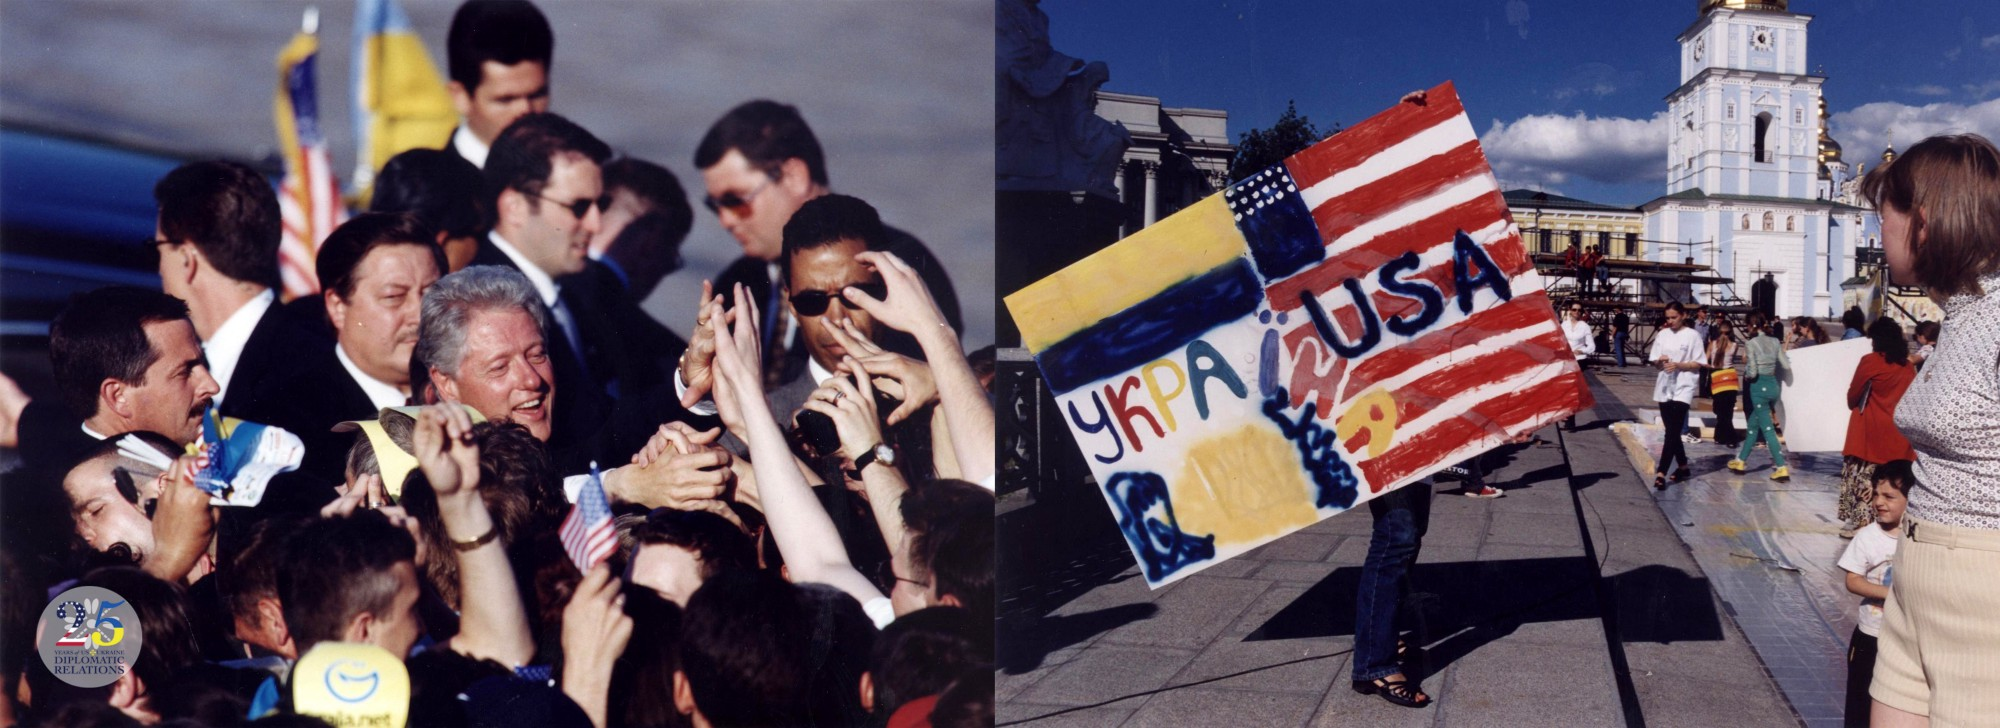 25 лет дипломатических отношений между Украиной и Америкой.